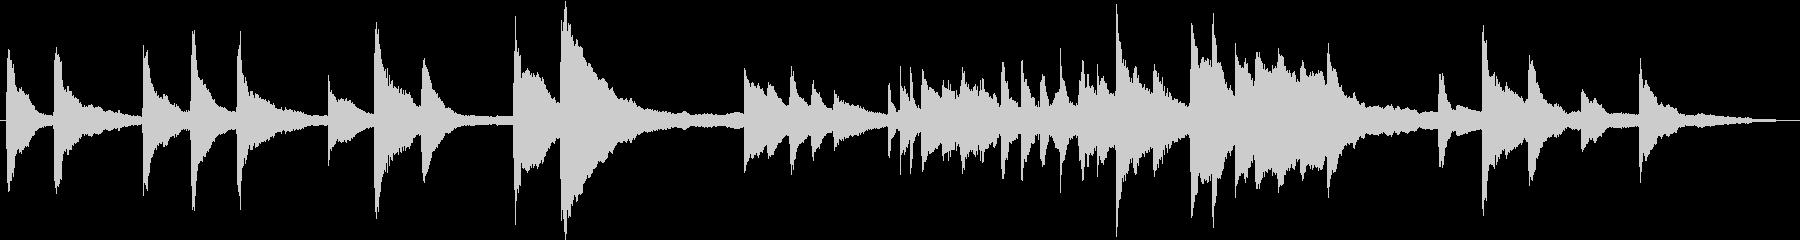 現代の交響曲 室内楽 感情的 バラ...の未再生の波形